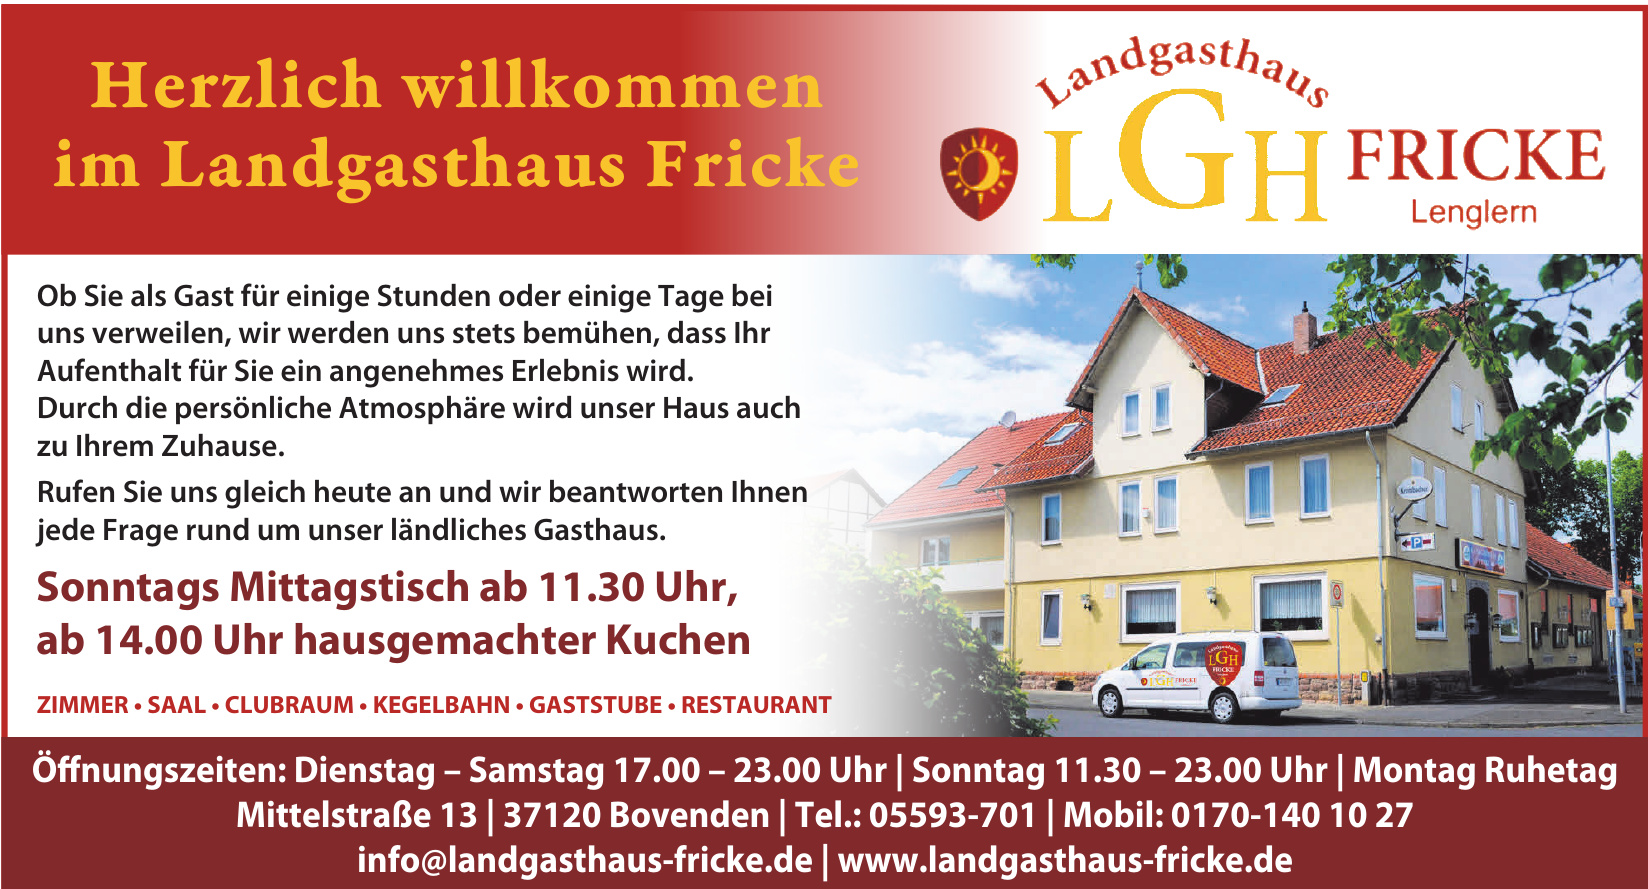 LGH Landgasthaus Fricke Lenglem